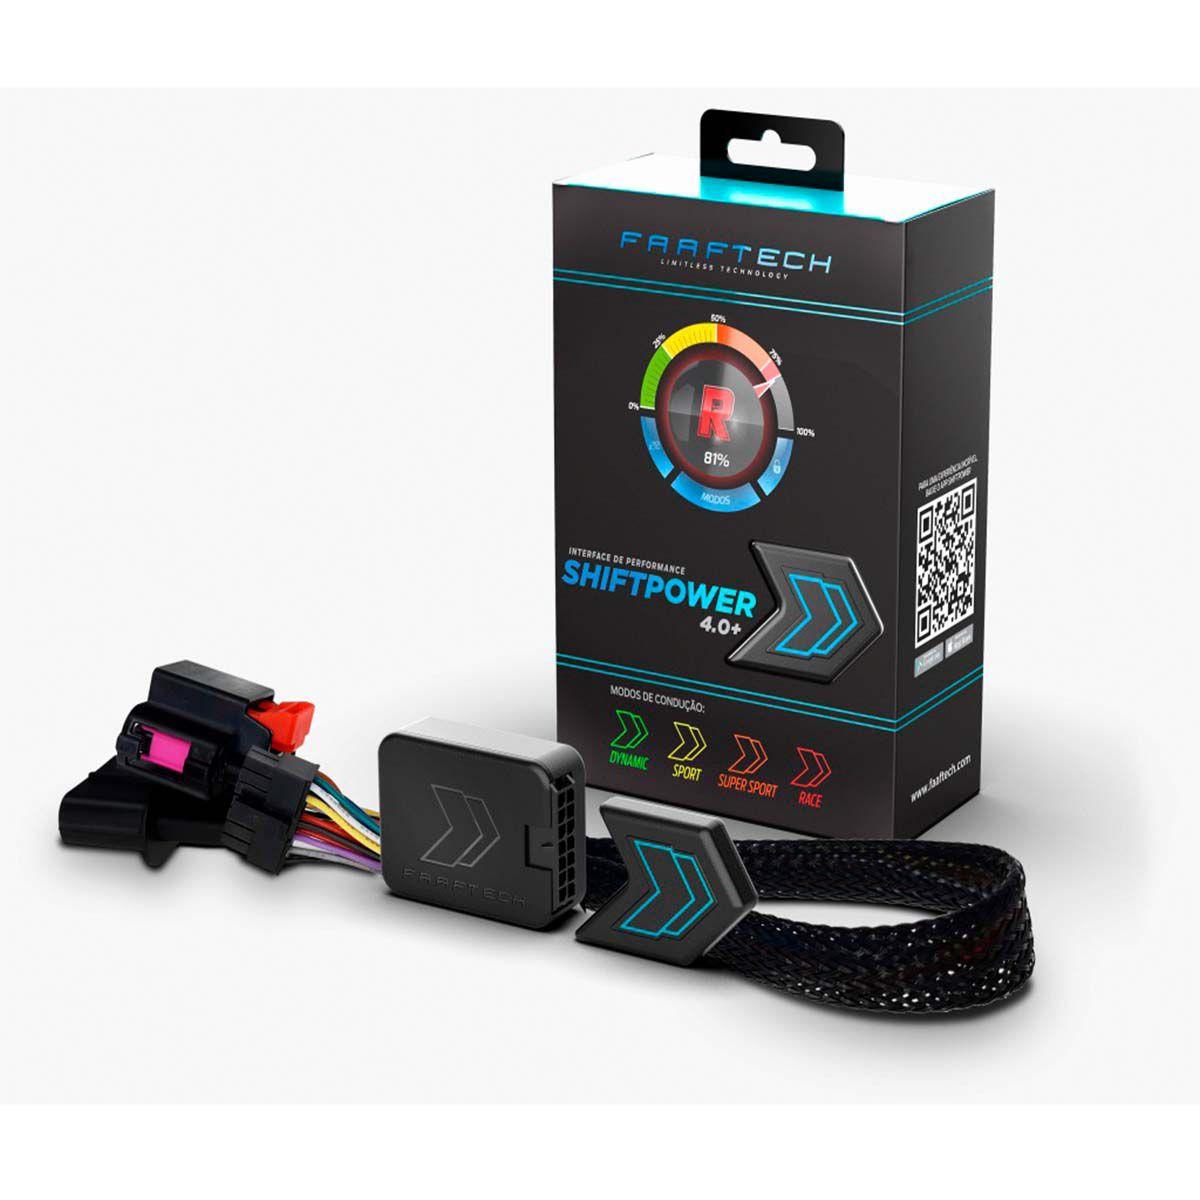 Shift Power Novo 4.0+ Land Rover Discovery Chip Acelerador Plug Play Bluetooth Faaftech FT-SP29